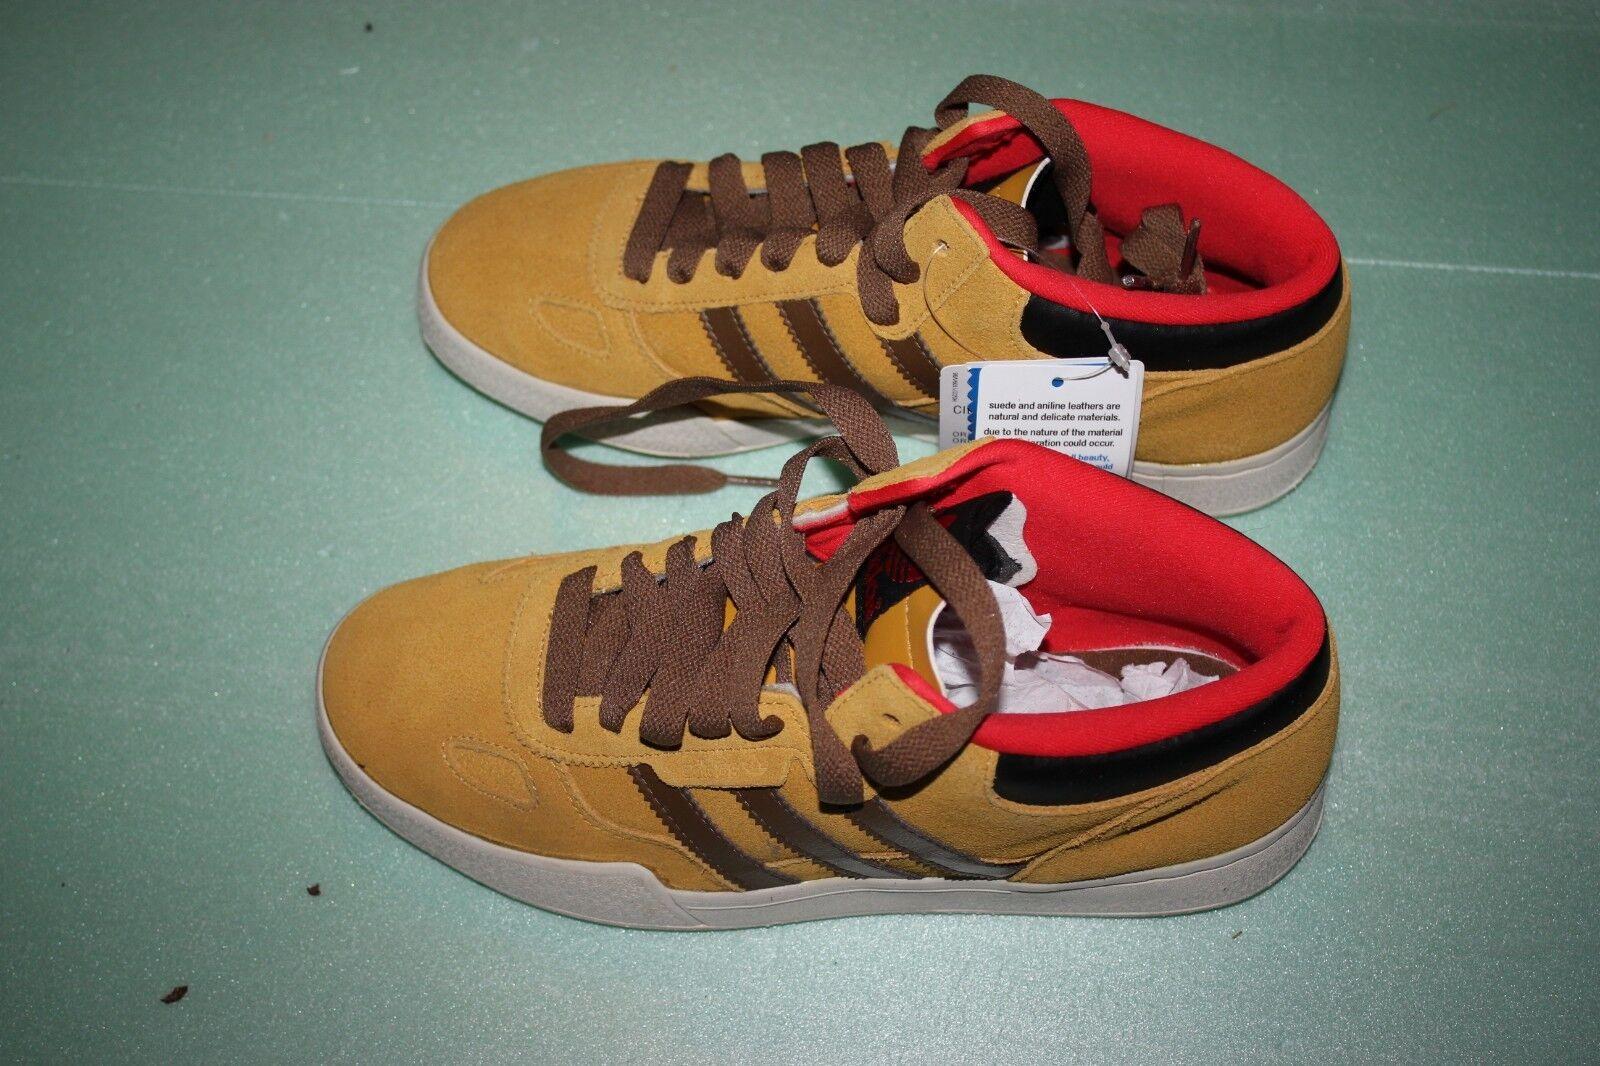 Adidas ciero mitte laufen g48952 schuhe. discounted - männer - schuhe. g48952 31b10a